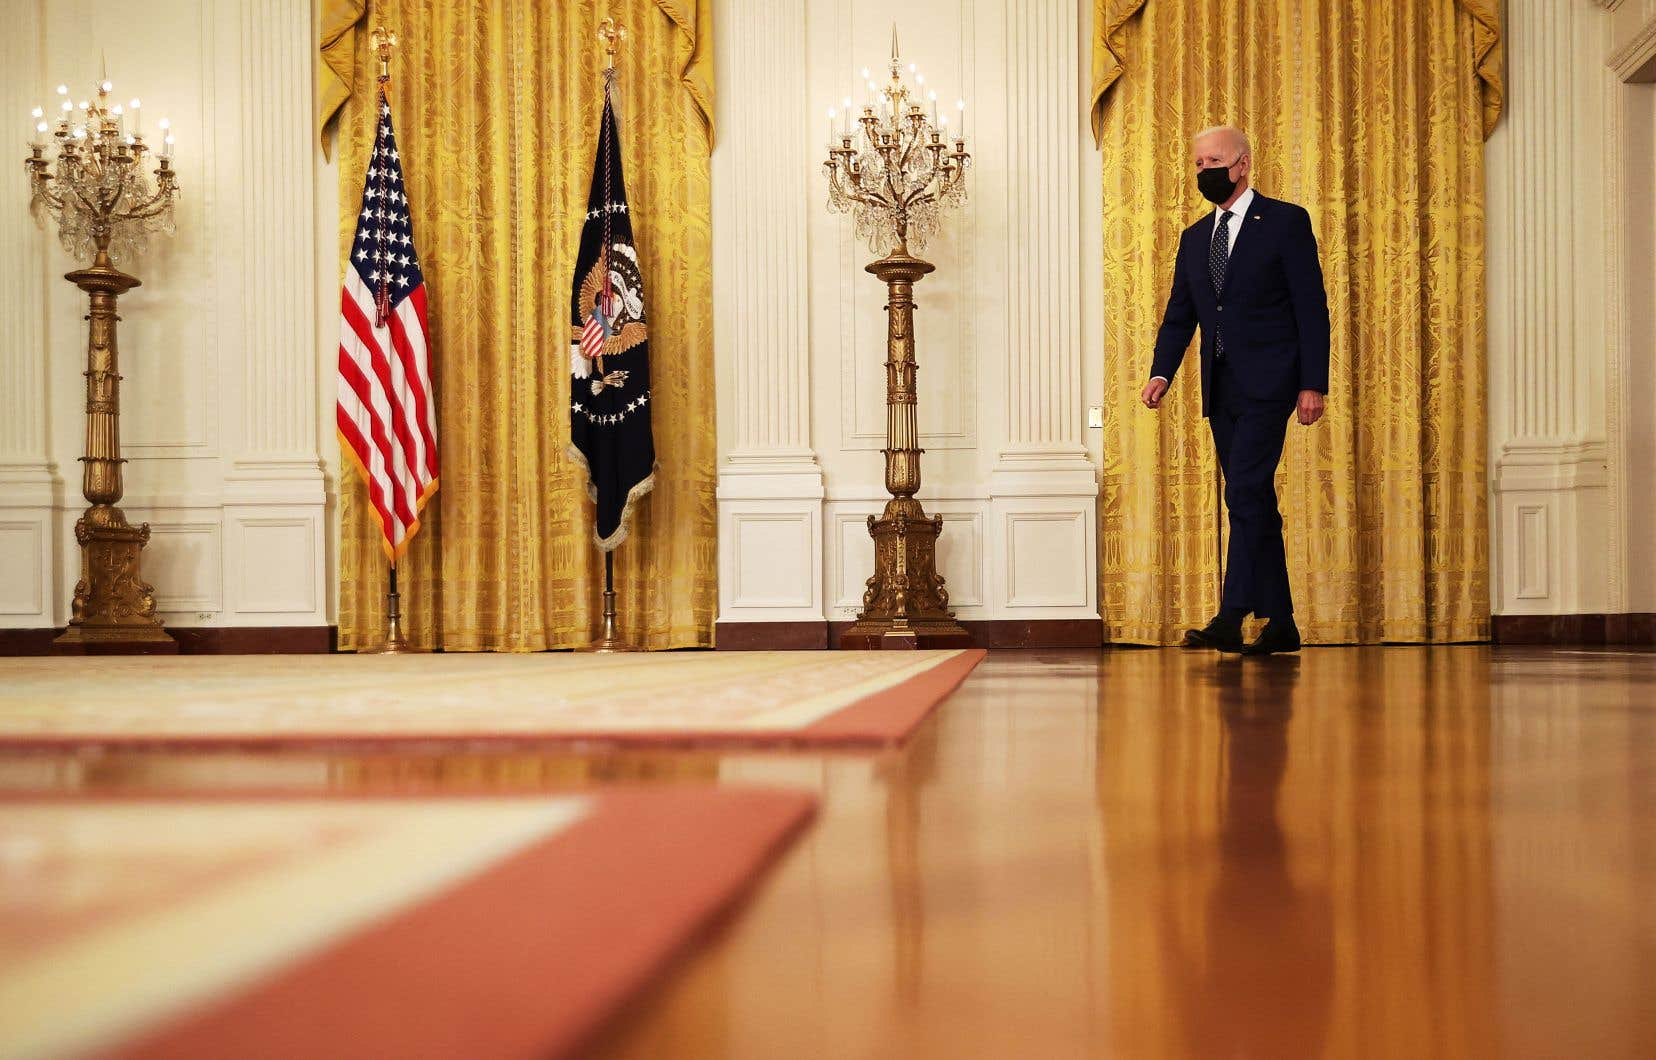 Depuis son arrivée à la Maison-Blanche, le président Joe Biden avait fait savoir qu'il mettait au point sa riposte contre une série d'actes imputés à Moscou.